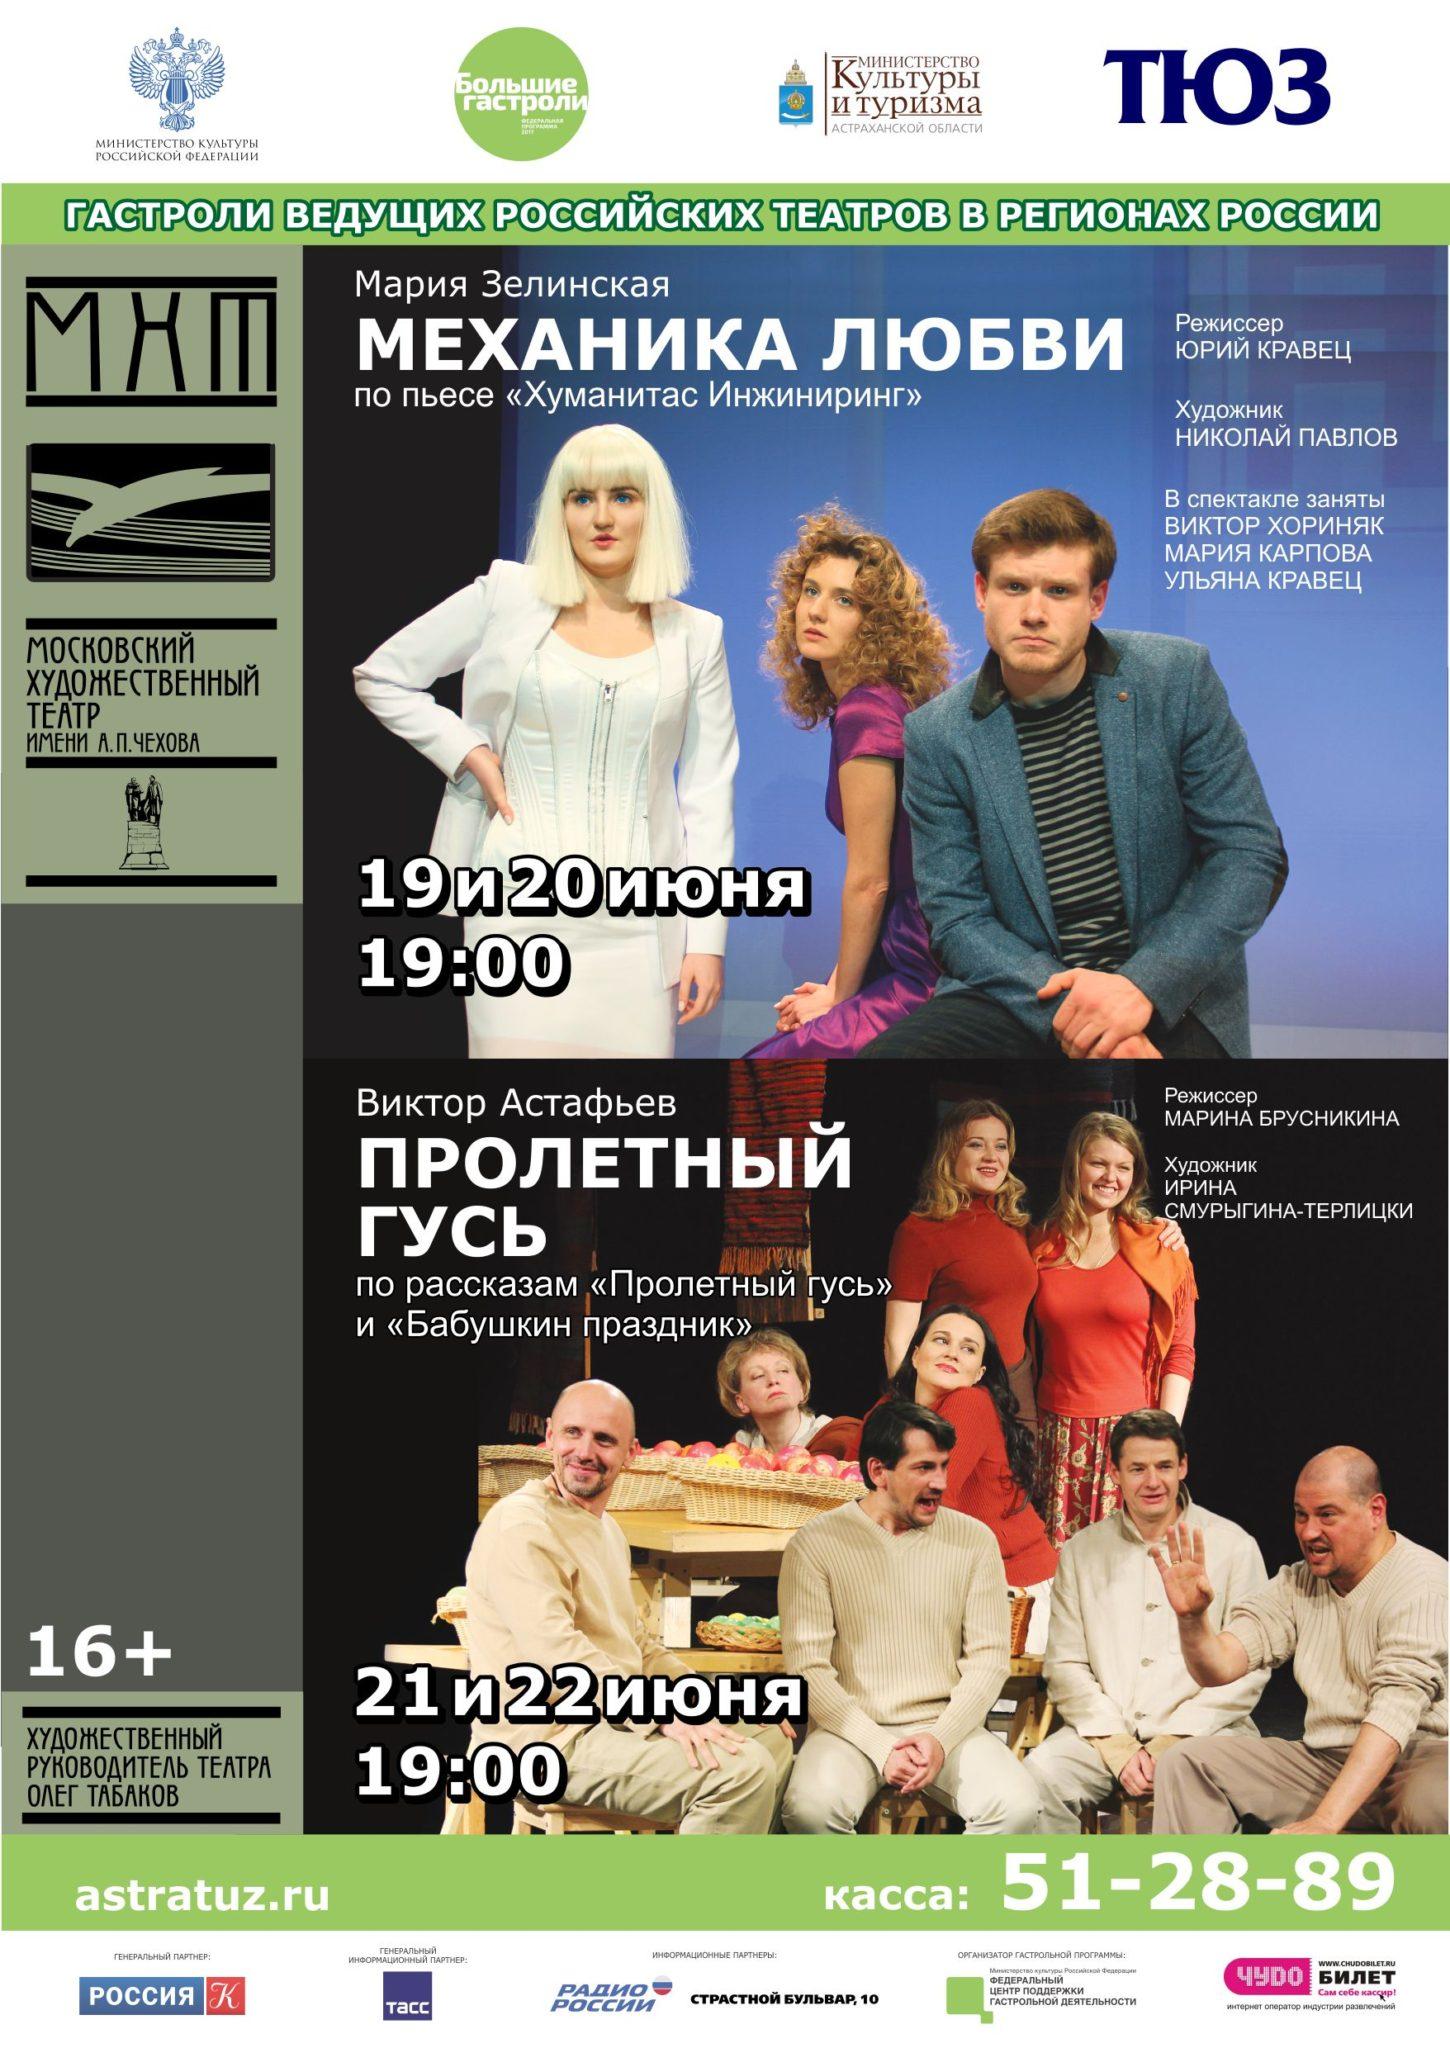 Гастроли МХТ им. А.П. Чехова завершились